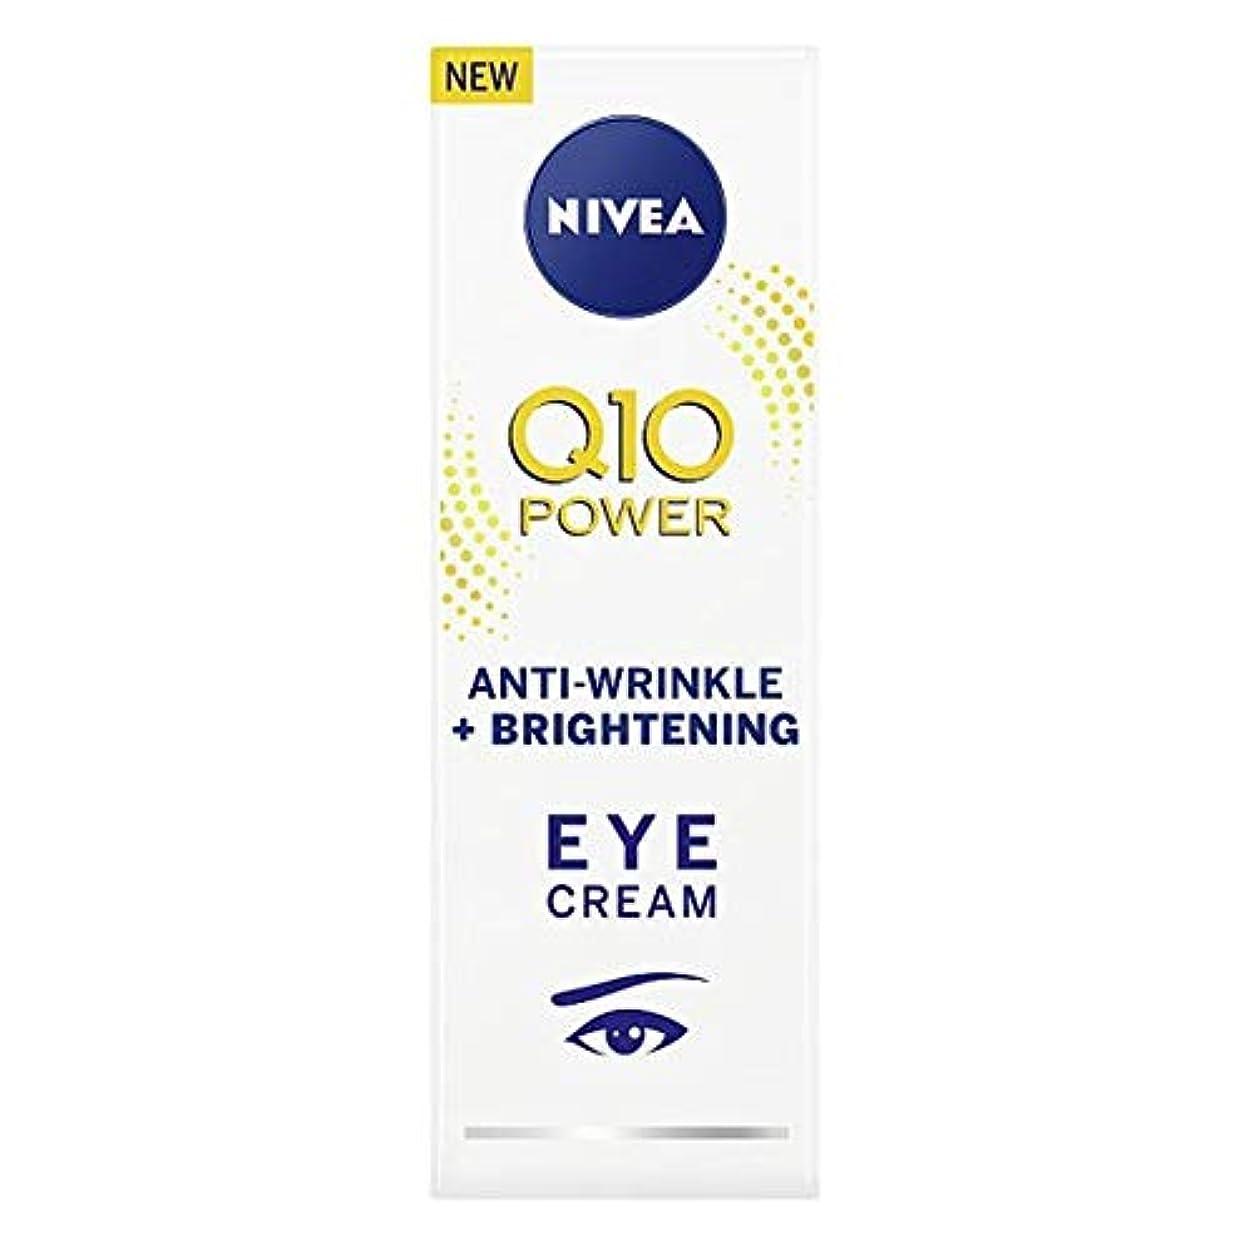 割り当てる定刻不誠実[Nivea] ニベアQ10電源明るいアイクリーム15ミリリットル - Nivea Q10 Power Bright Eye Cream 15Ml [並行輸入品]